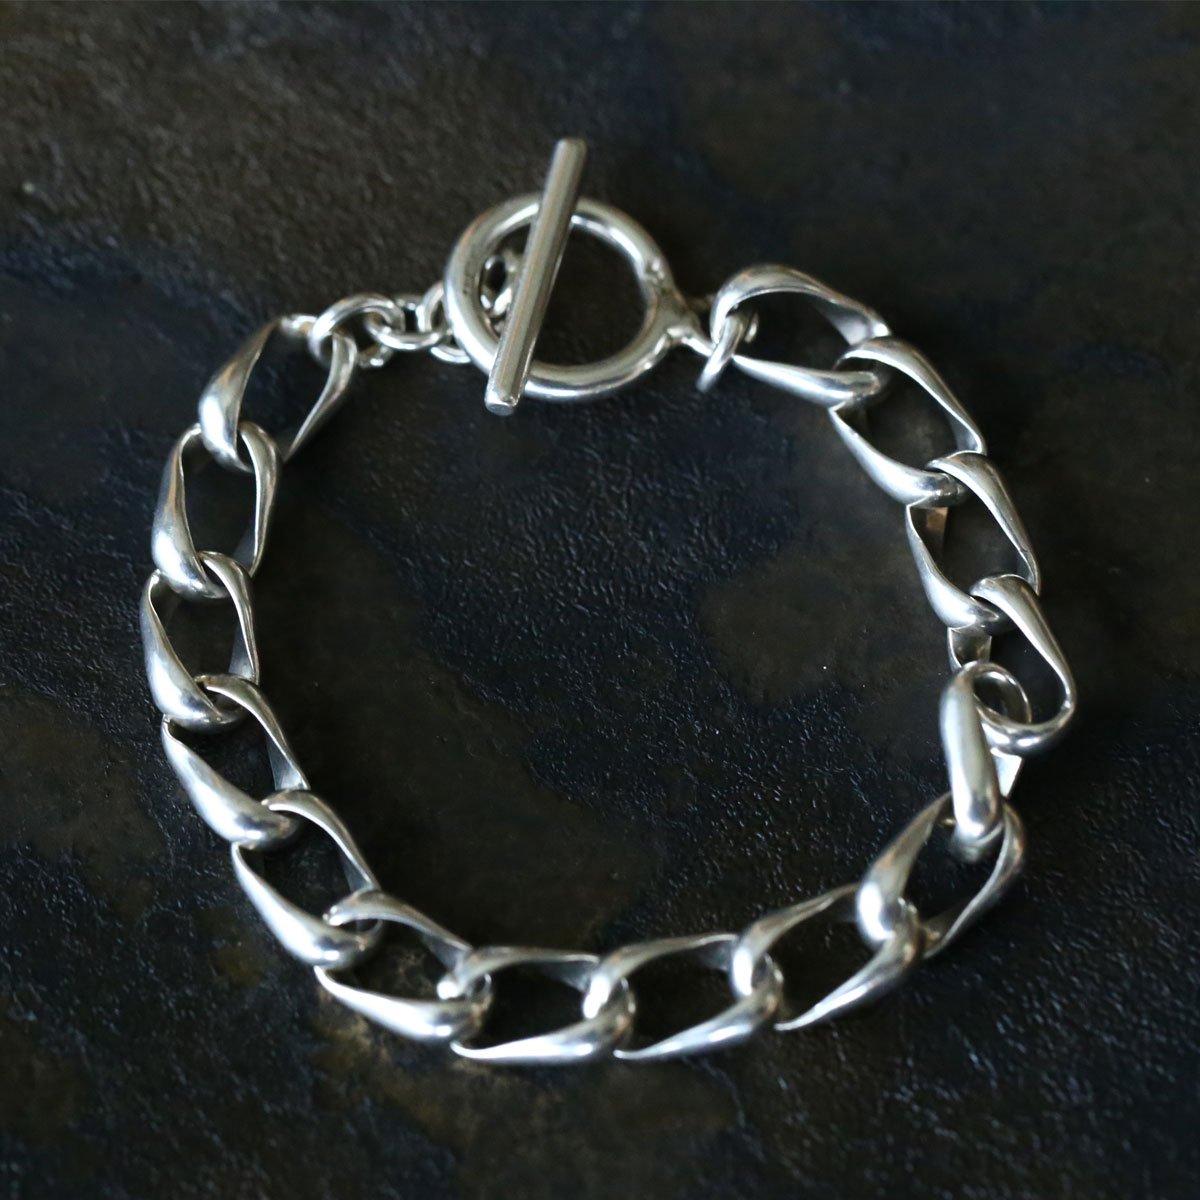 Vintage Silver Chain Bracelet ACH-001